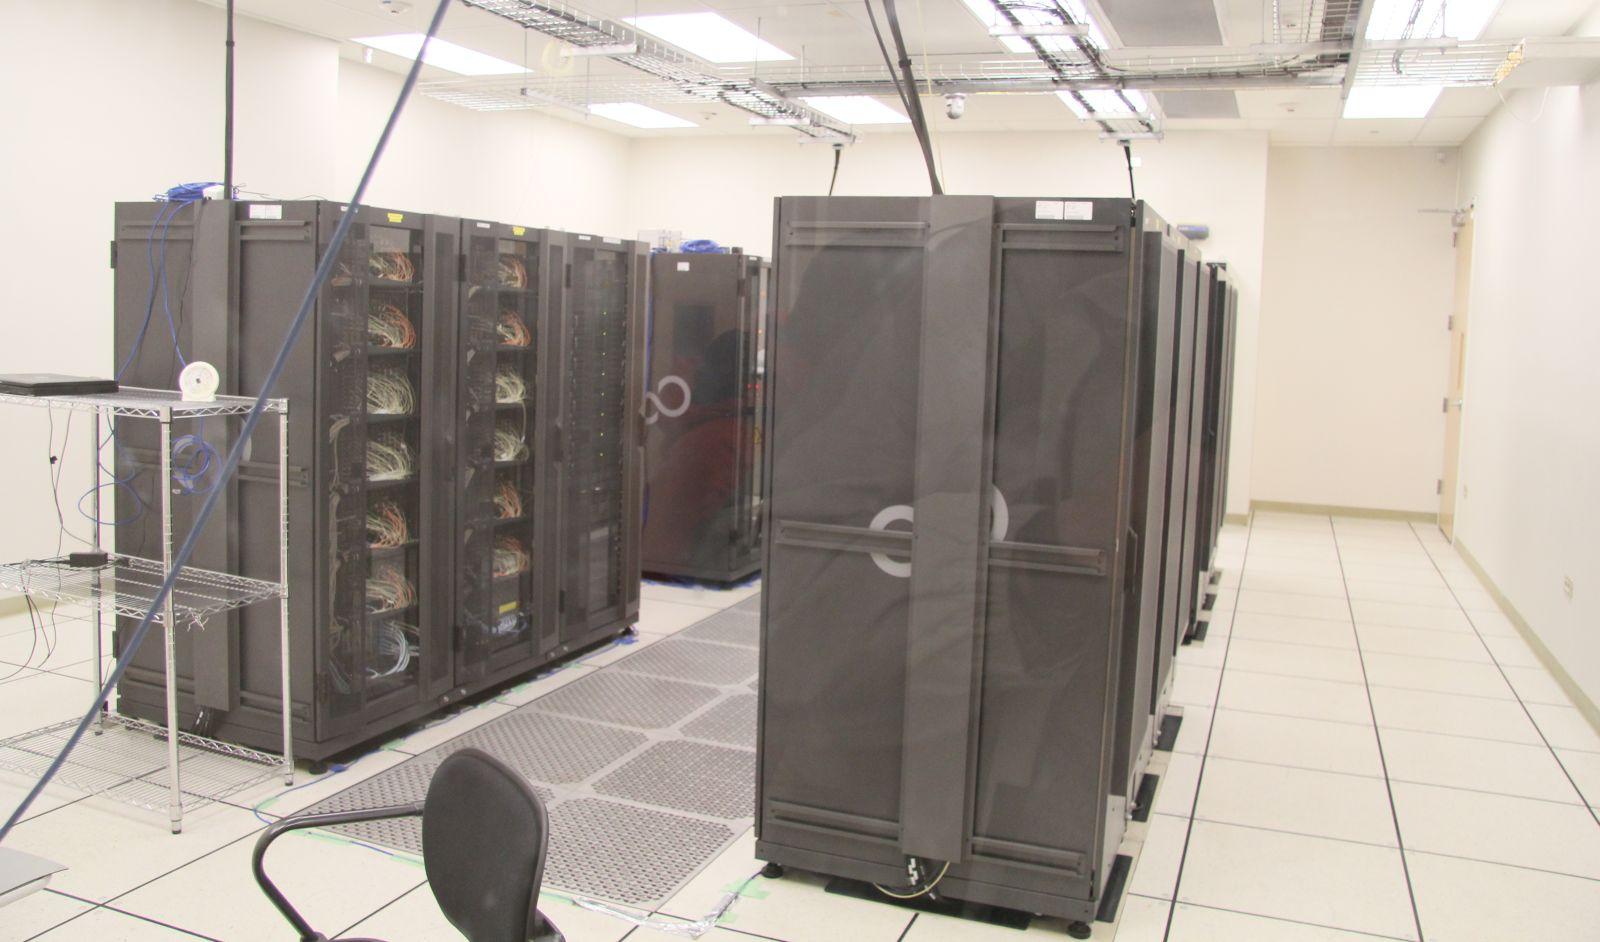 Der Korrelator - ein Supercomputer, an dem alle Signale der 66 Antennen zusammenlaufen. Foto: Georg Görgen